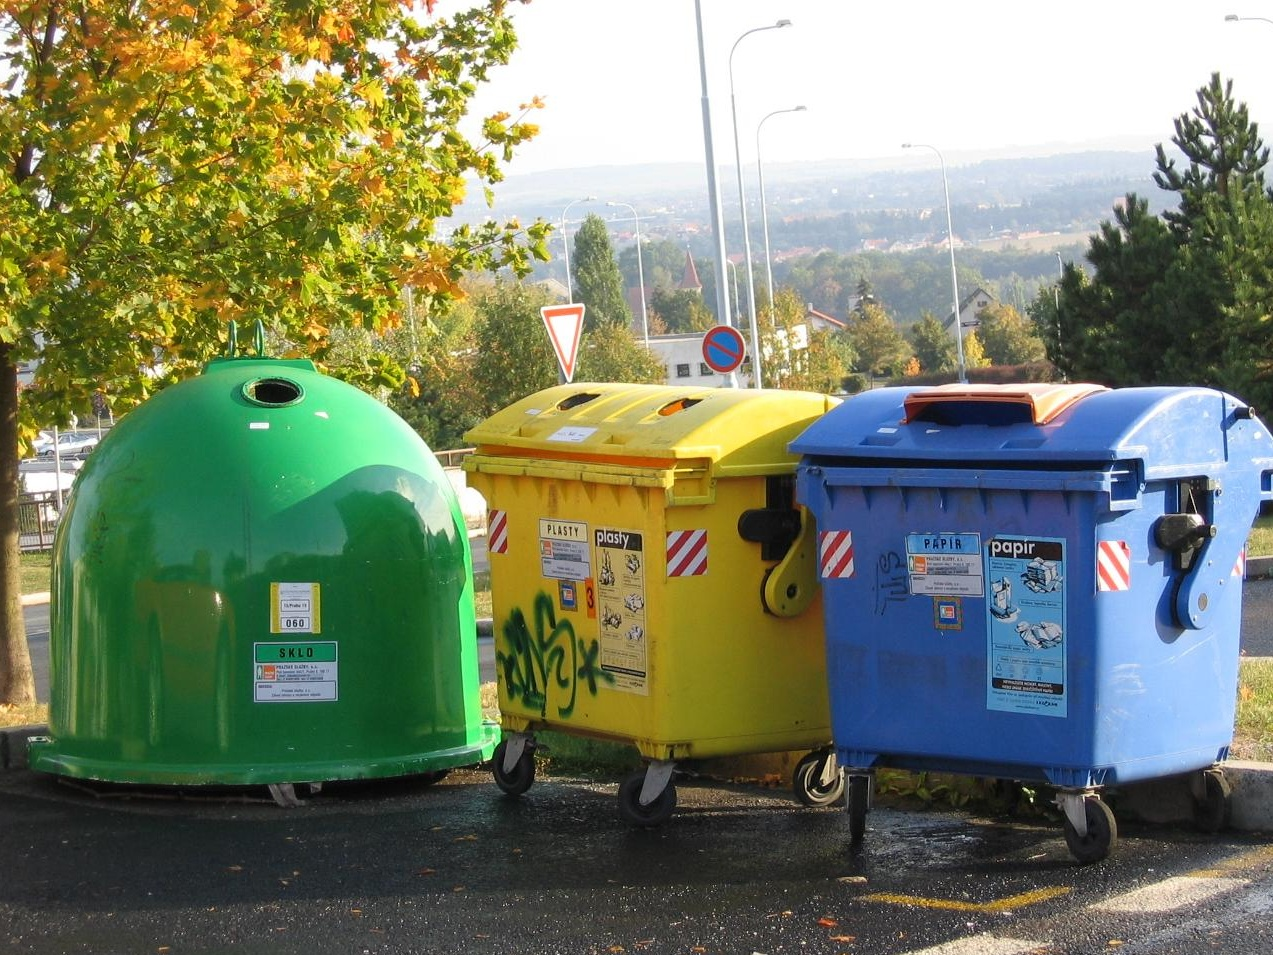 Nová odpadová data MŽP za 2017: stagnace produkce odpadů vČR a naprostá dominance skládkování komunálních odpadů